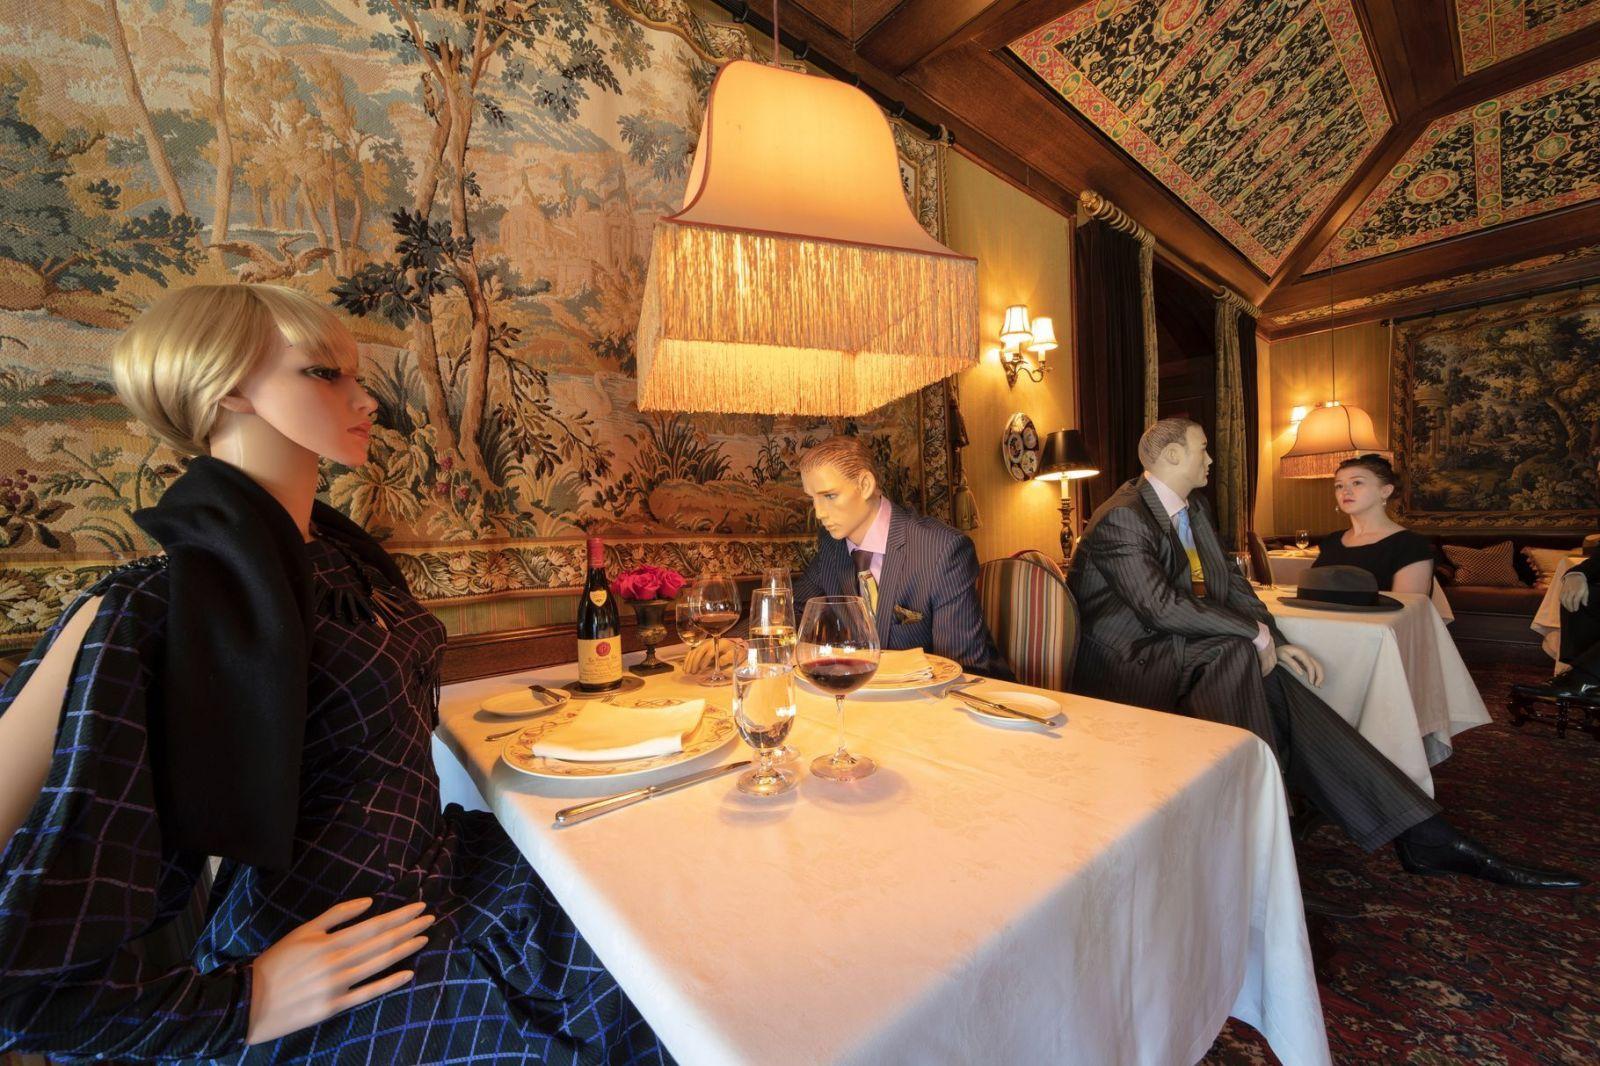 Social-distancing v americkej reštaurácii? K susedným stolom posadia figuríny, aby si sa necítil sám